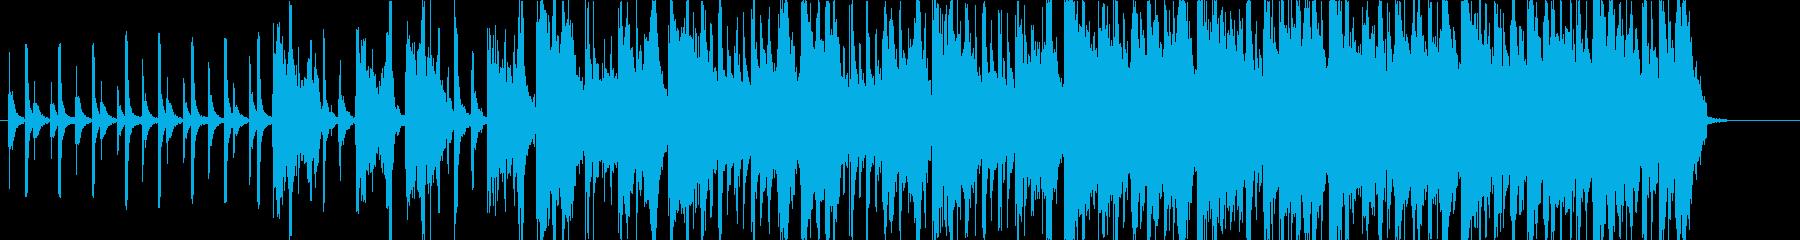 口笛やパーカッションの軽快でポップな曲の再生済みの波形